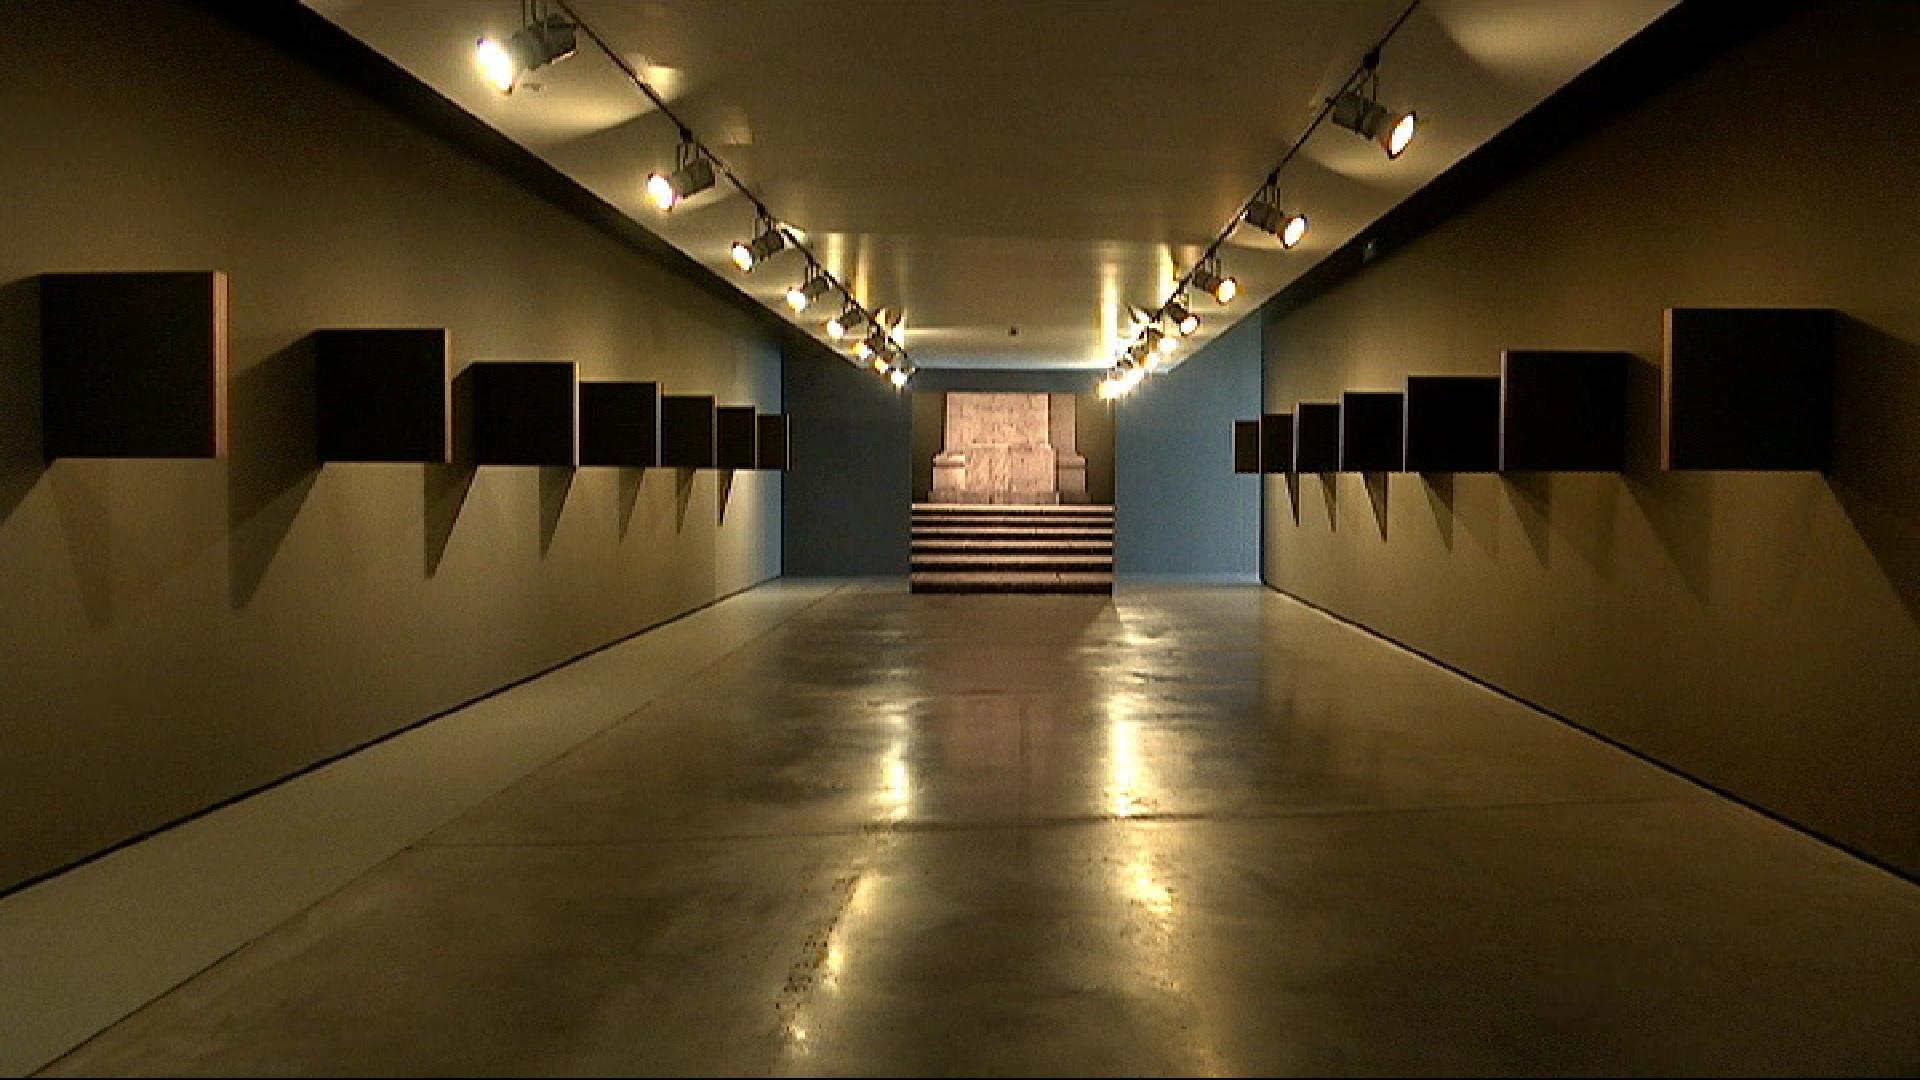 Art+postal%2C+poesia+experimental+i+mem%C3%B2ria+hist%C3%B2rica+al+museu+Es+Baluard